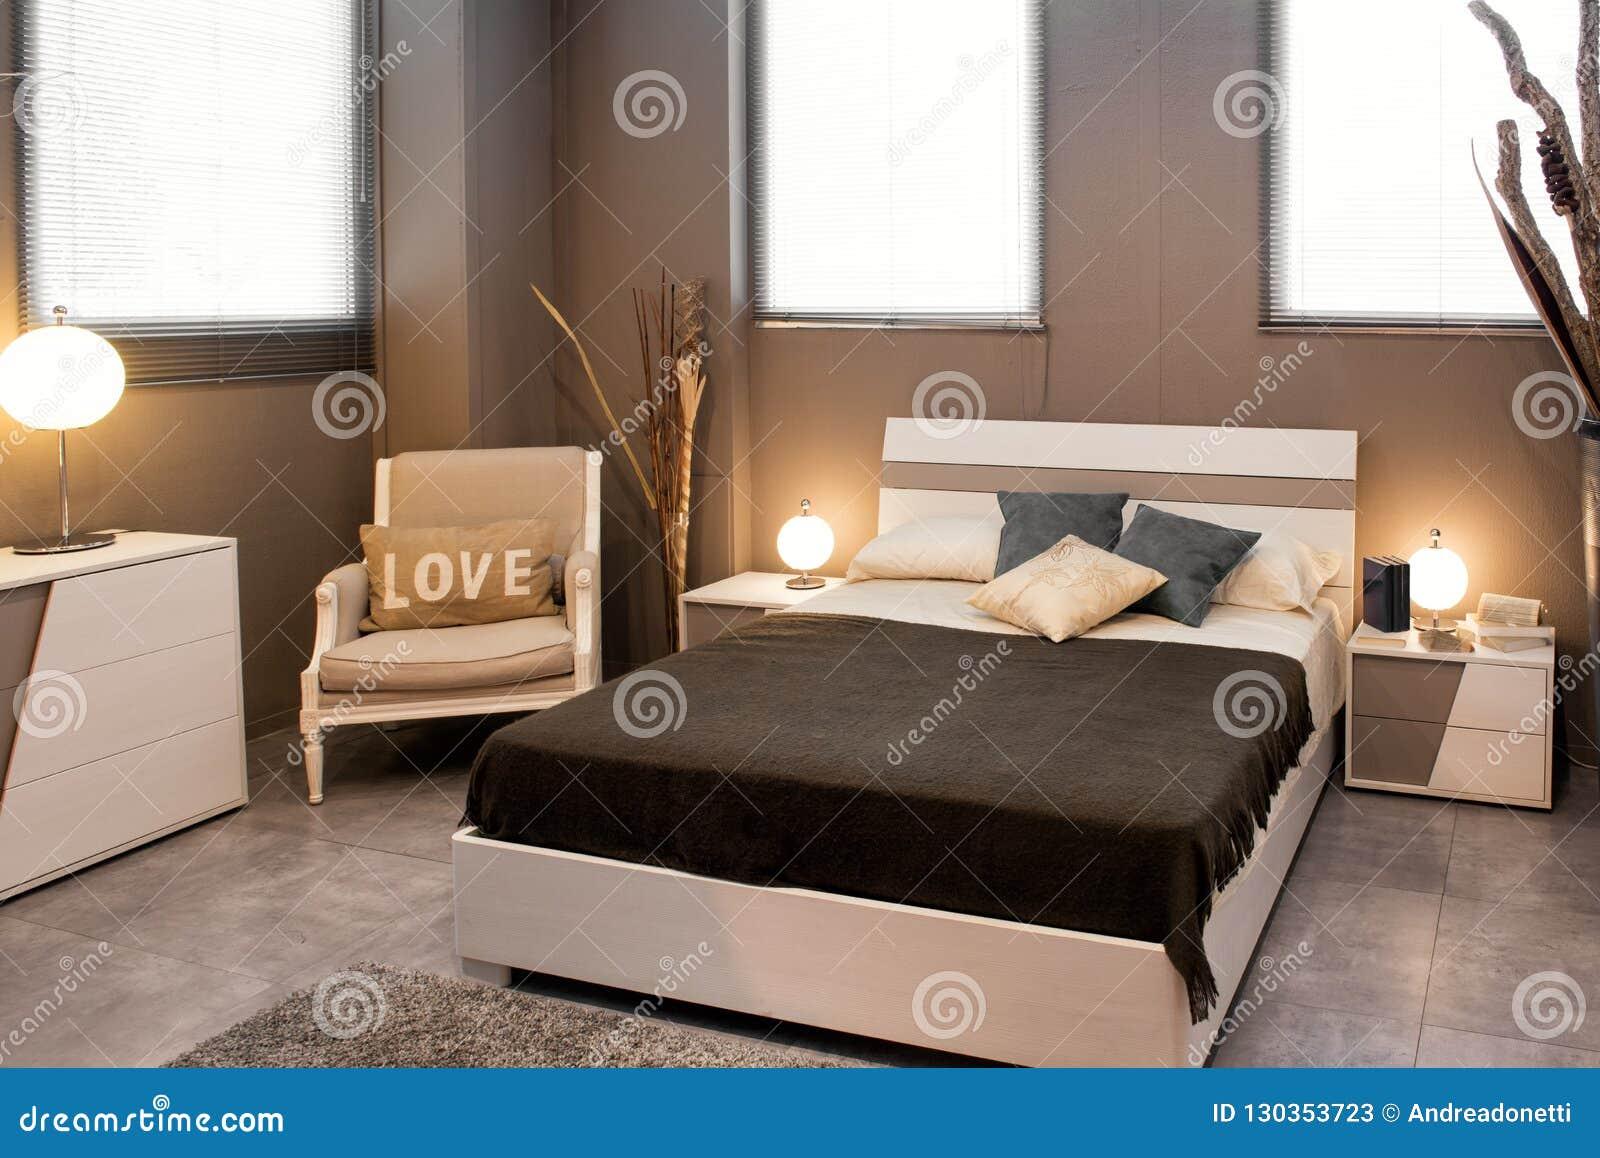 Intérieur De Luxe Brun Romantique De Chambre à Coucher Image stock ...